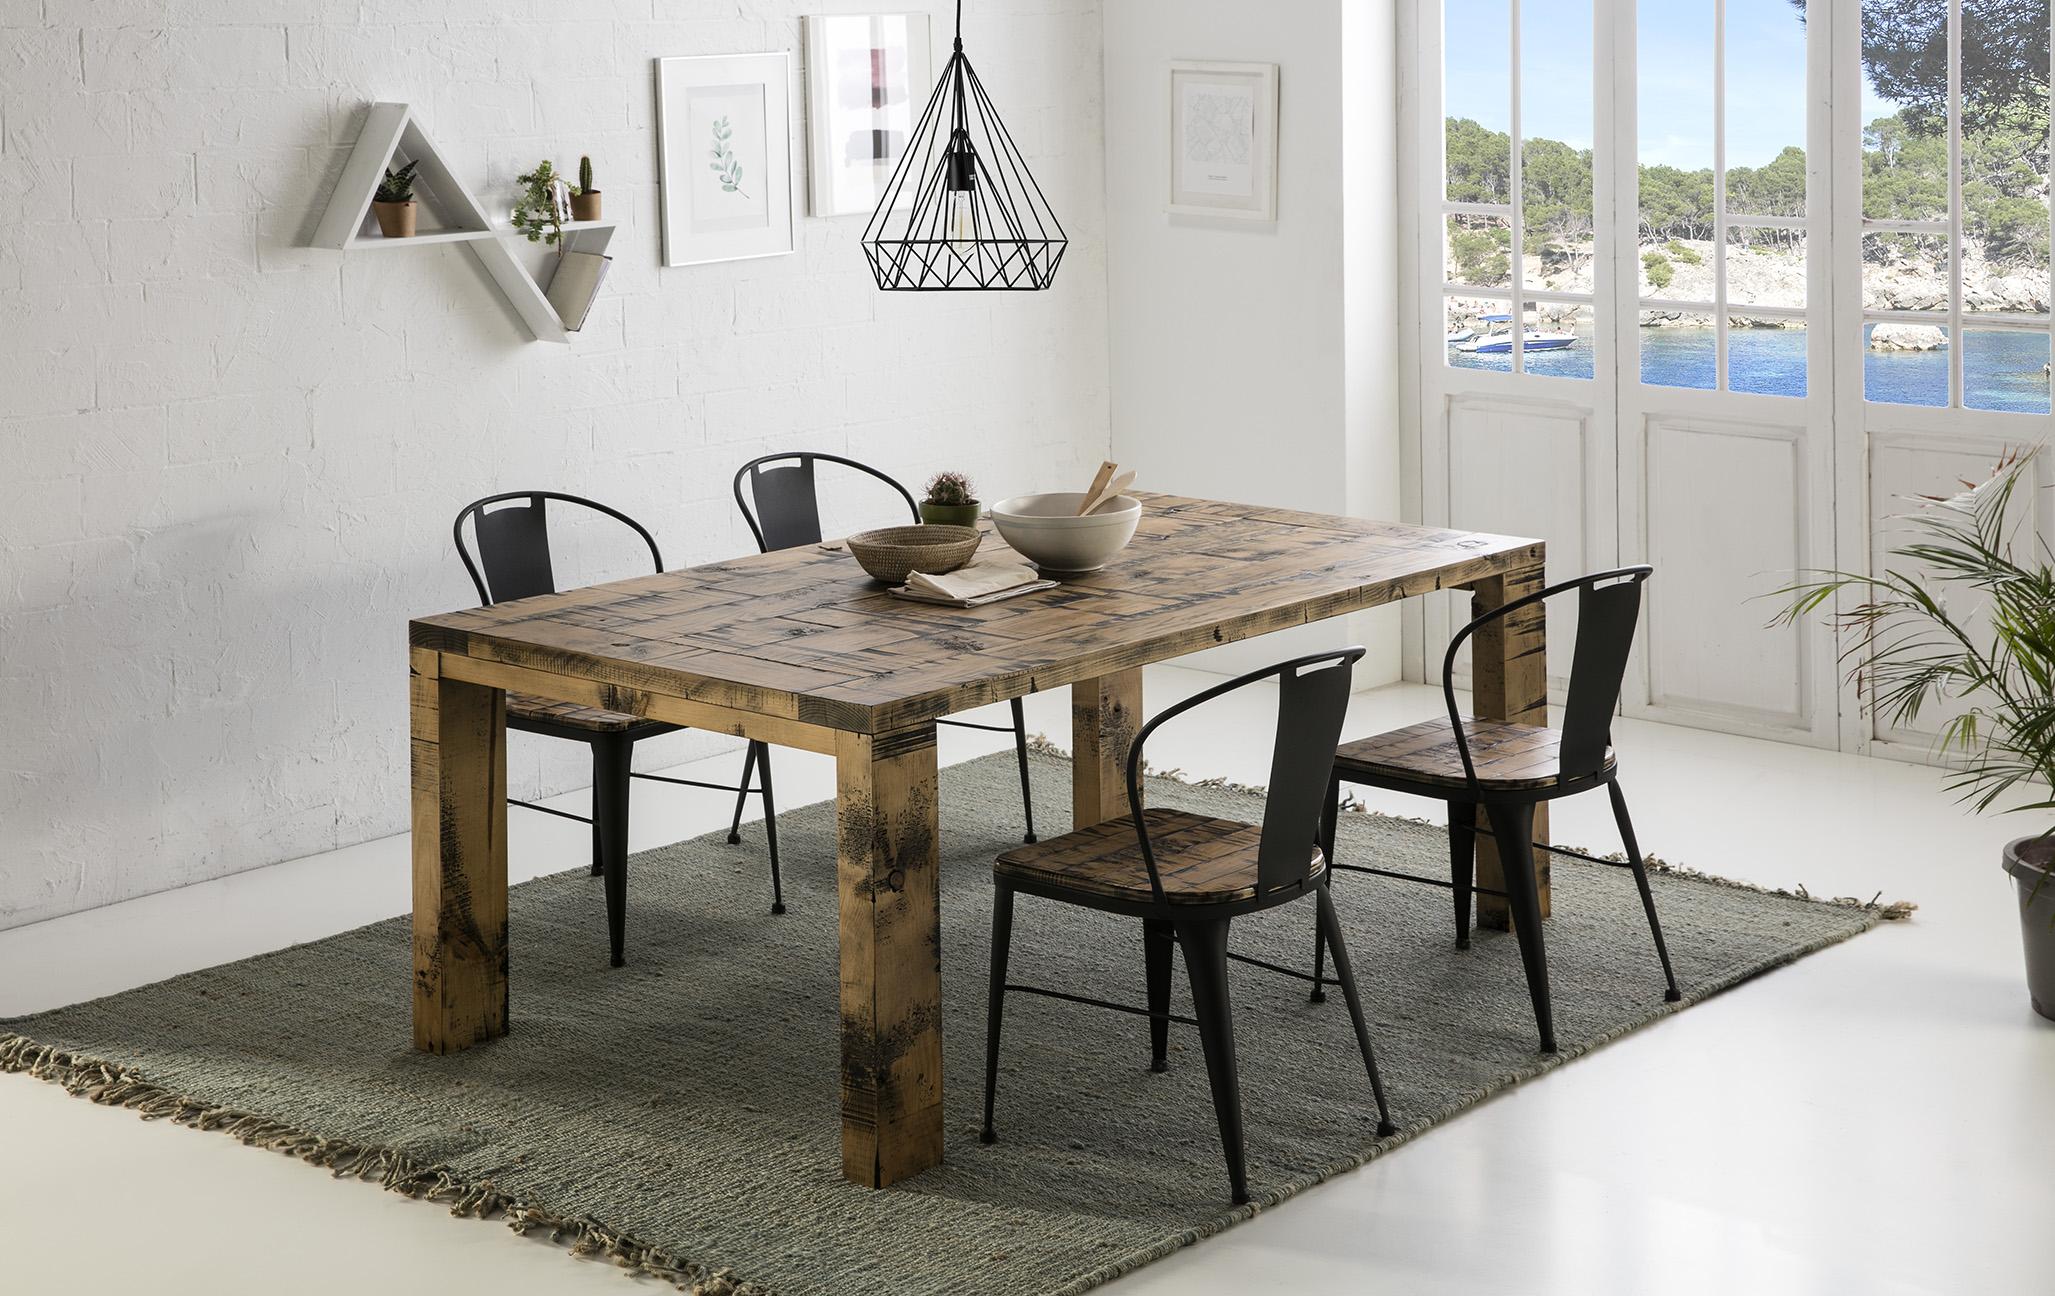 Muebles de madera en valencia cheap muebles de madera en for Muebles gratis valencia